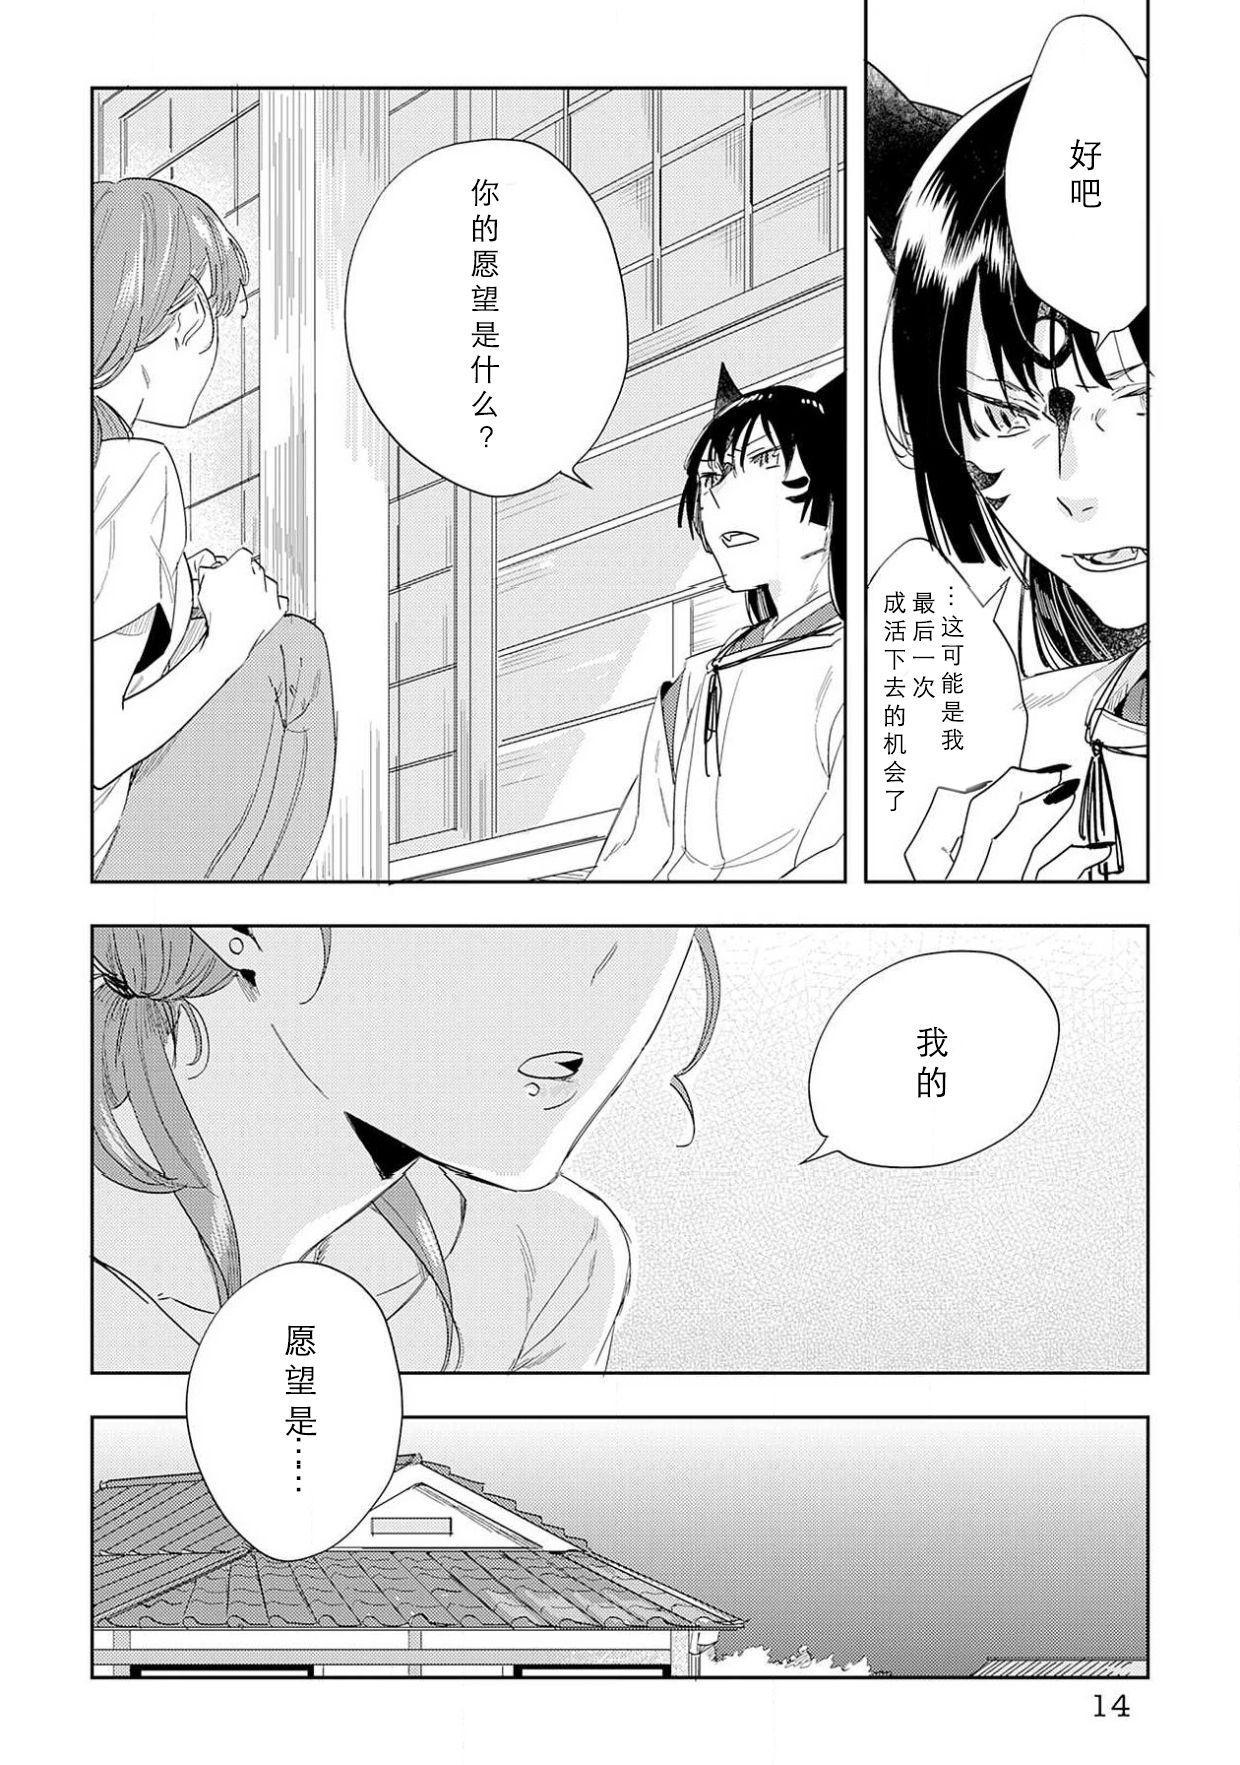 [Hachikawa Kyuu] Kami-sama to Ikenie H Keiyaku Shichaimashita | 我与神明大人签订了祭品H契约 1-3 [Chinese] [莉赛特汉化组] 12